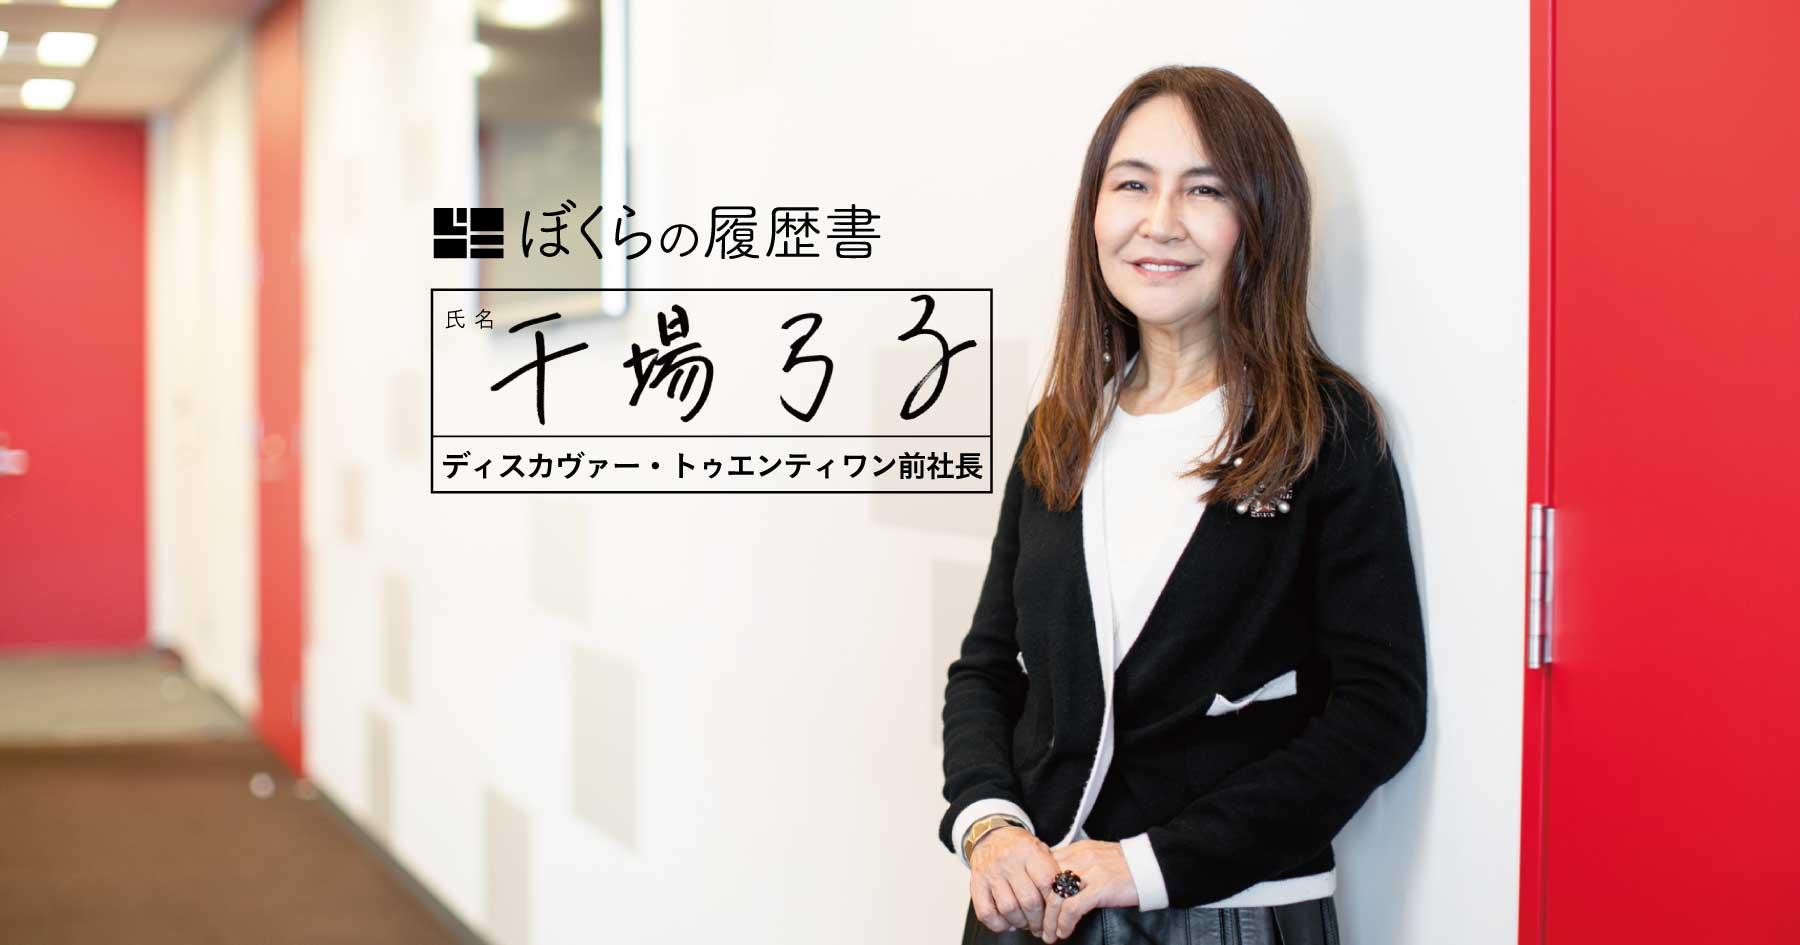 干場弓子さんの履歴書メインカット